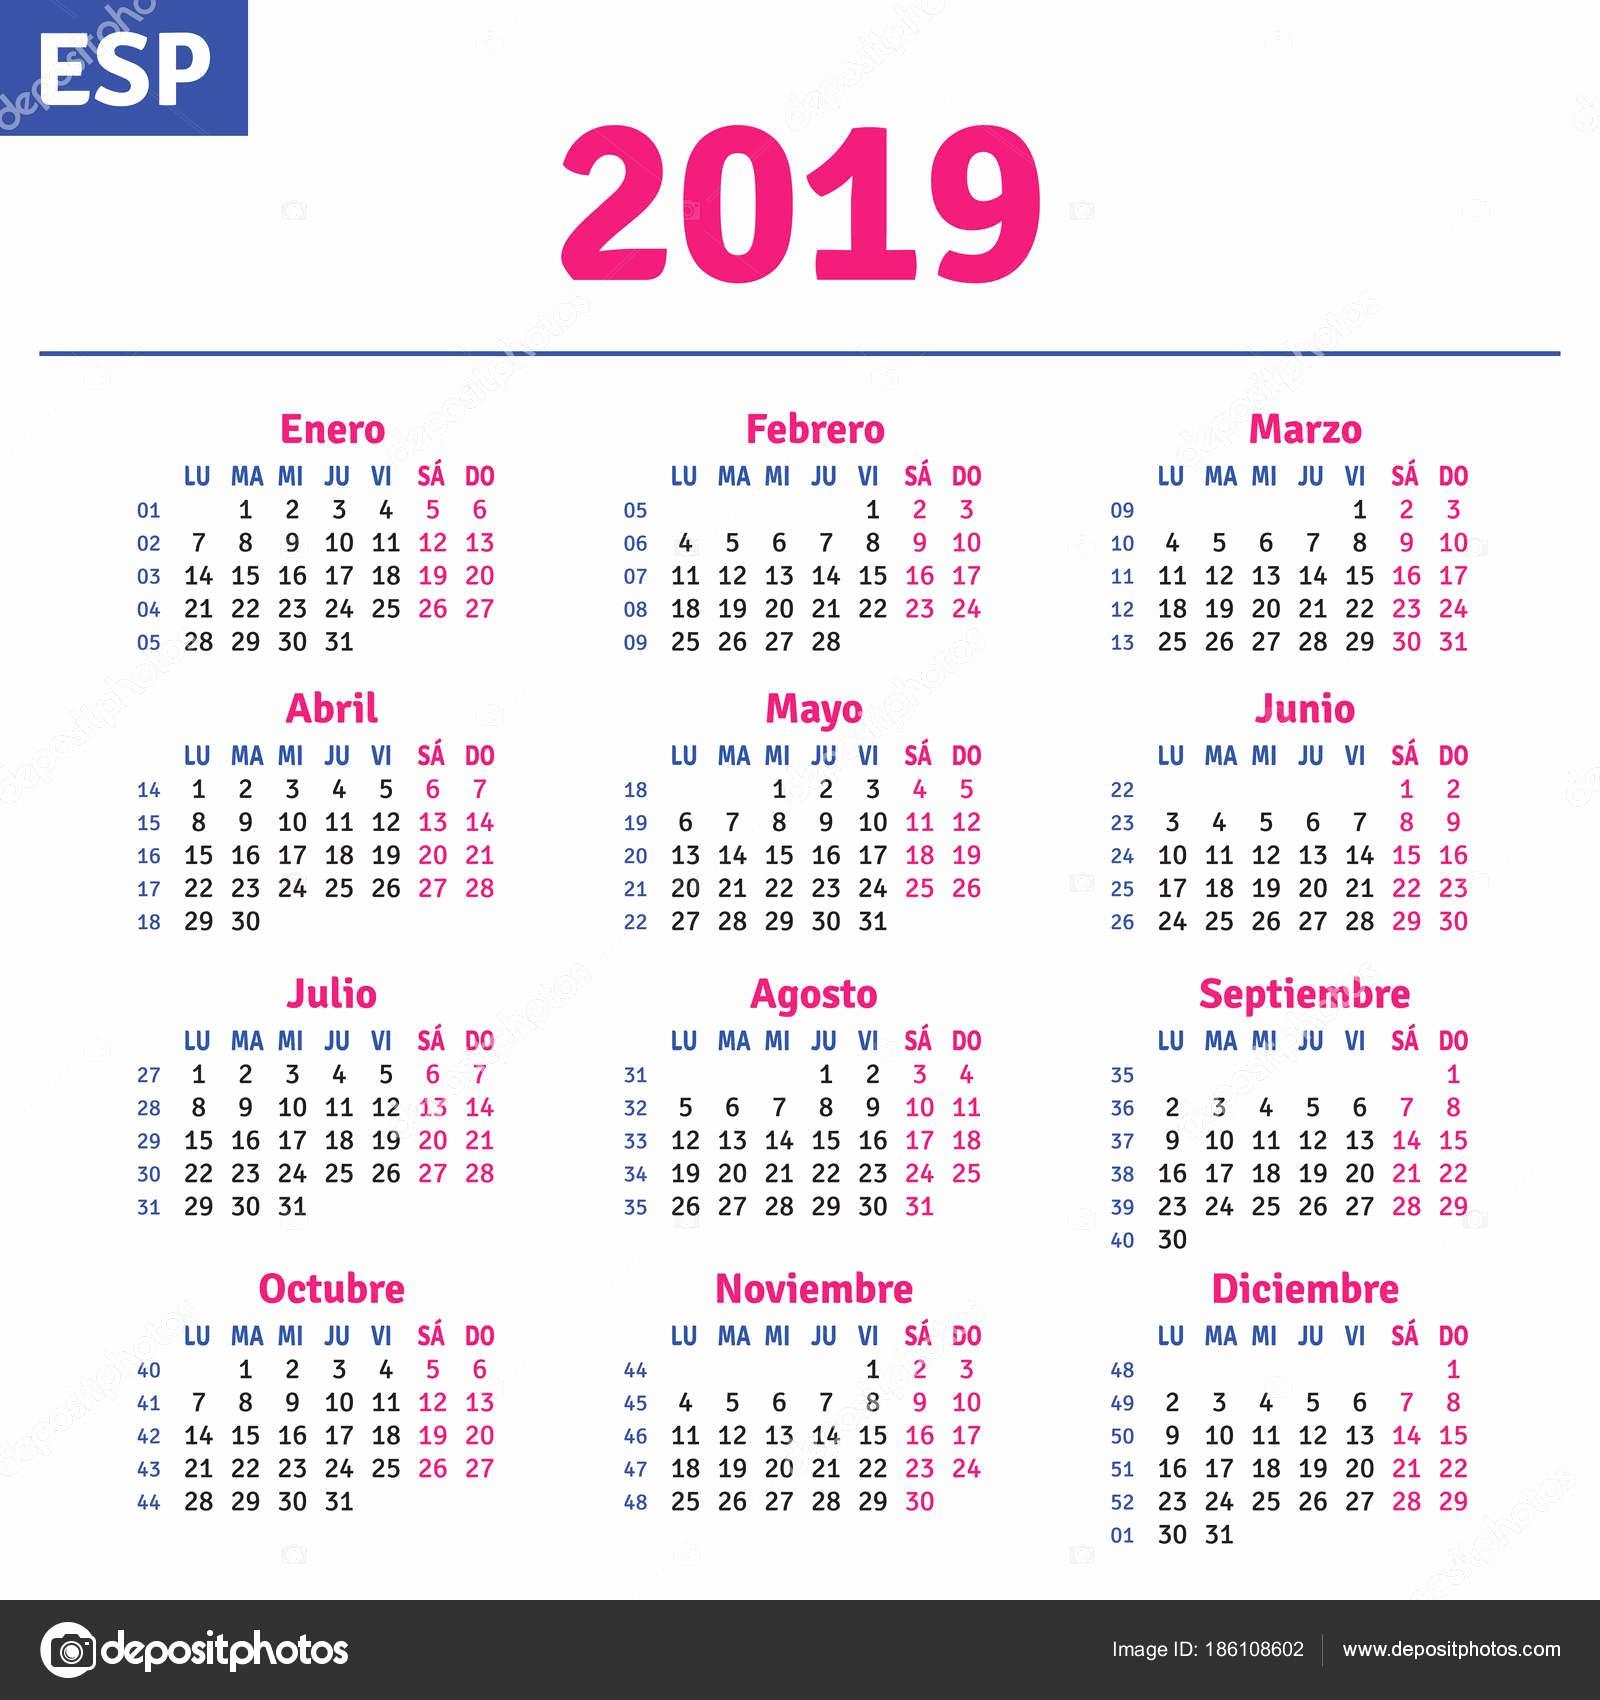 Calendario 2018 E 2019 Portugal Más Recientes Calendario Dr 2019 Espanol Calendario 2019 Archivo Imagenes